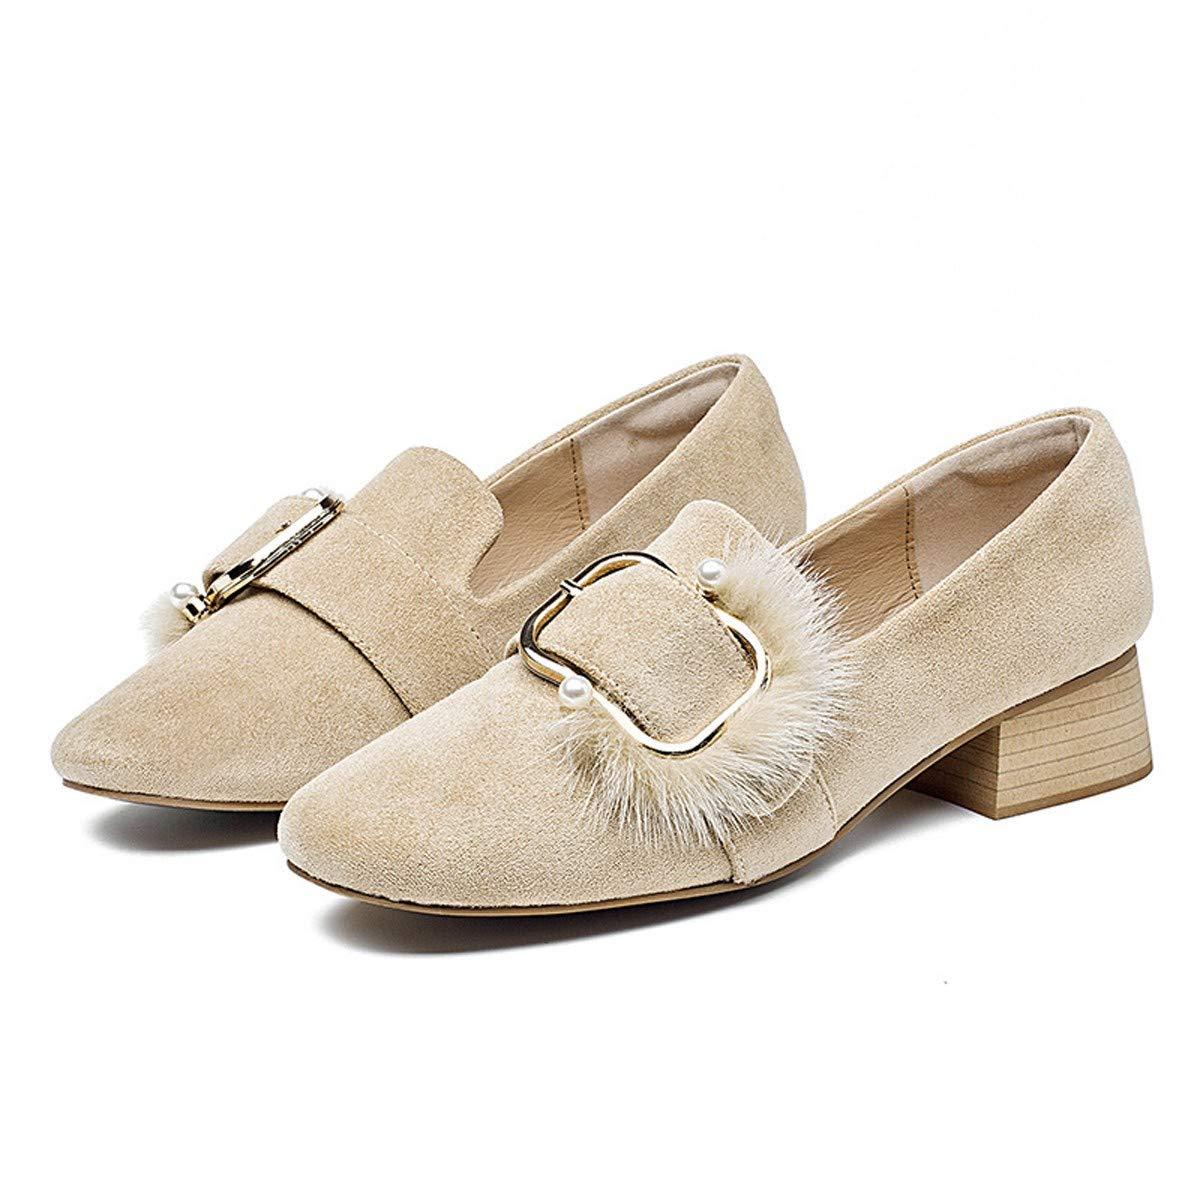 HBDLH Damenschuhe Mitte - Bei Dicken Betuchte Einzelne Schuhe Herbst Der Mund Wildleder Gute Schuhe Platz Zu Damenschuhe Aprikosen 34